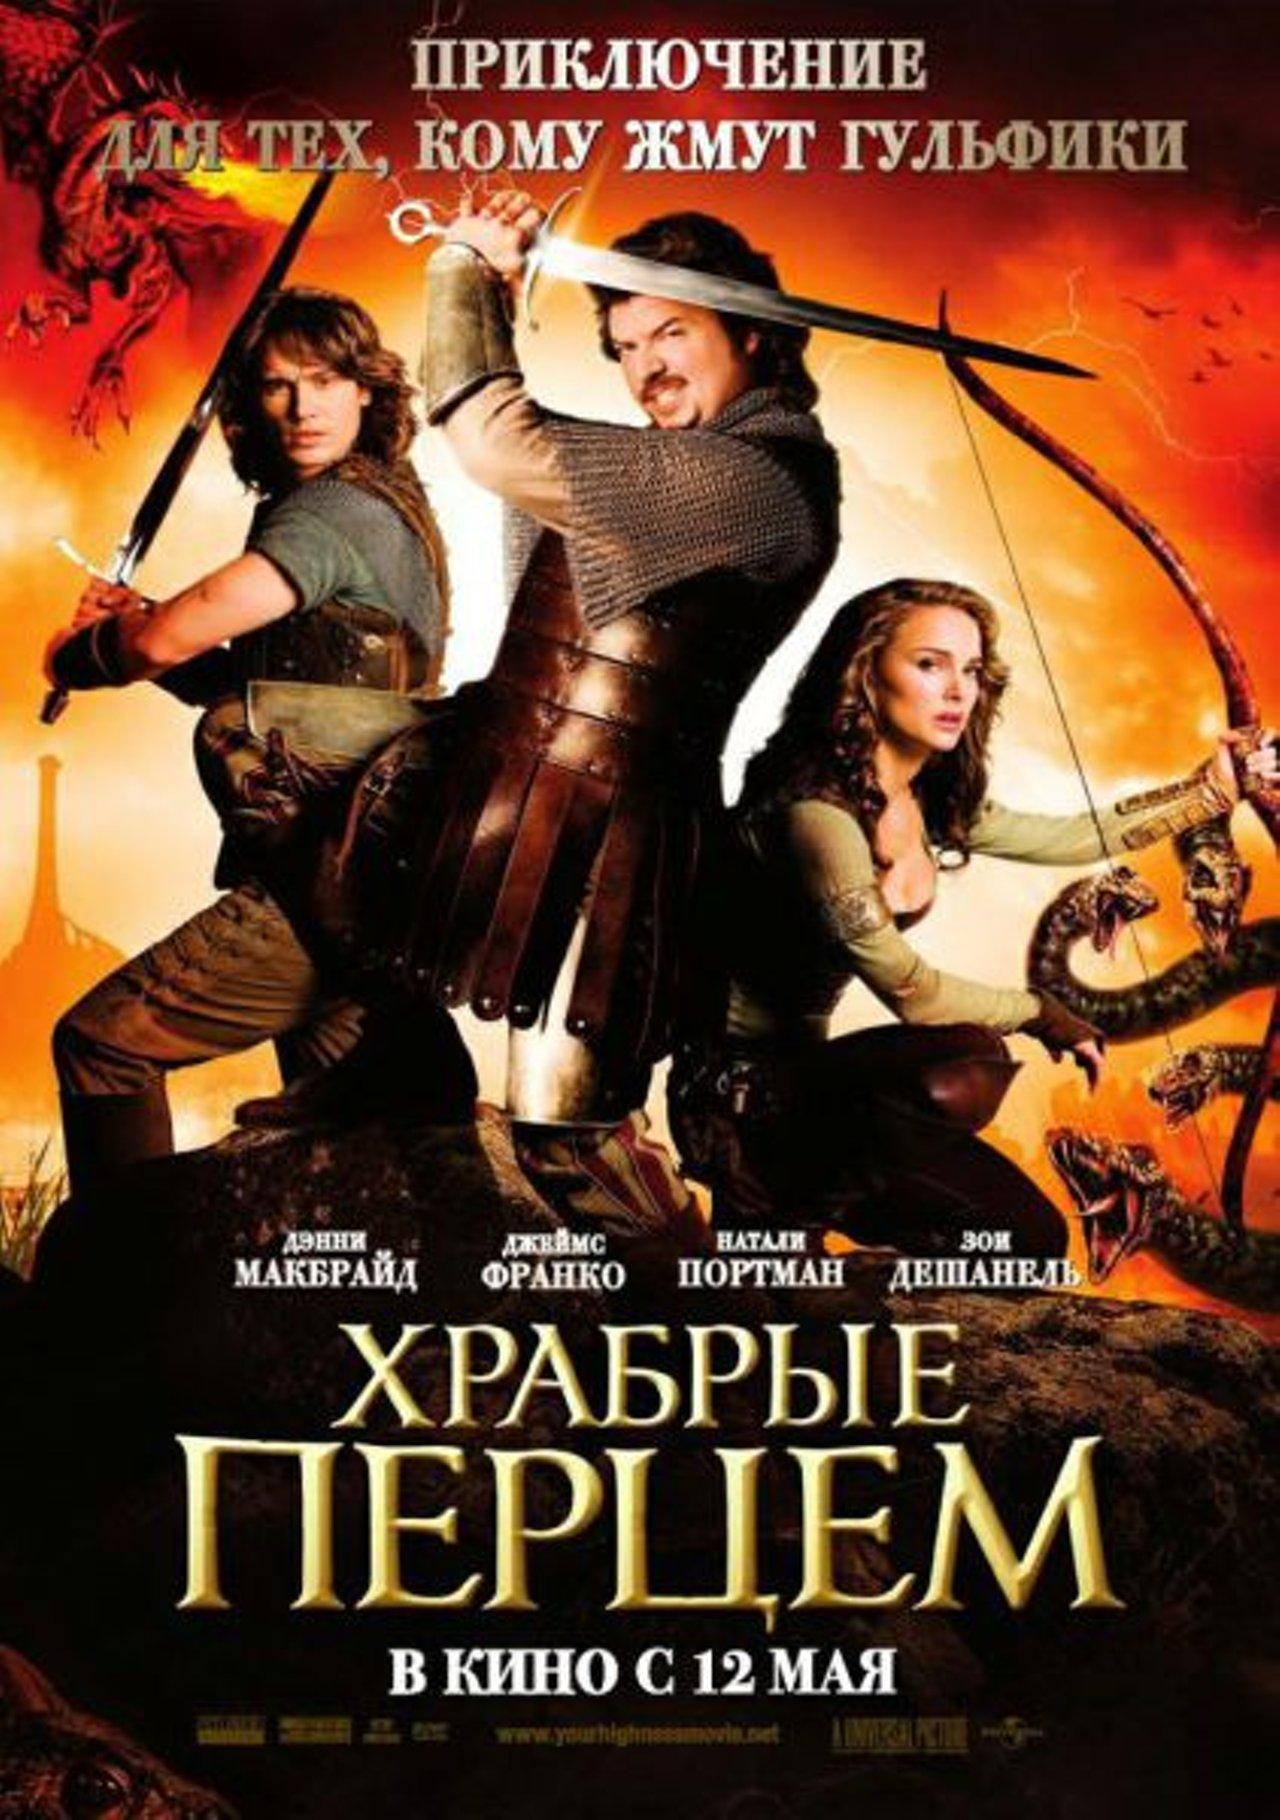 Храбрые перцем трейлер на русском 22 фотография